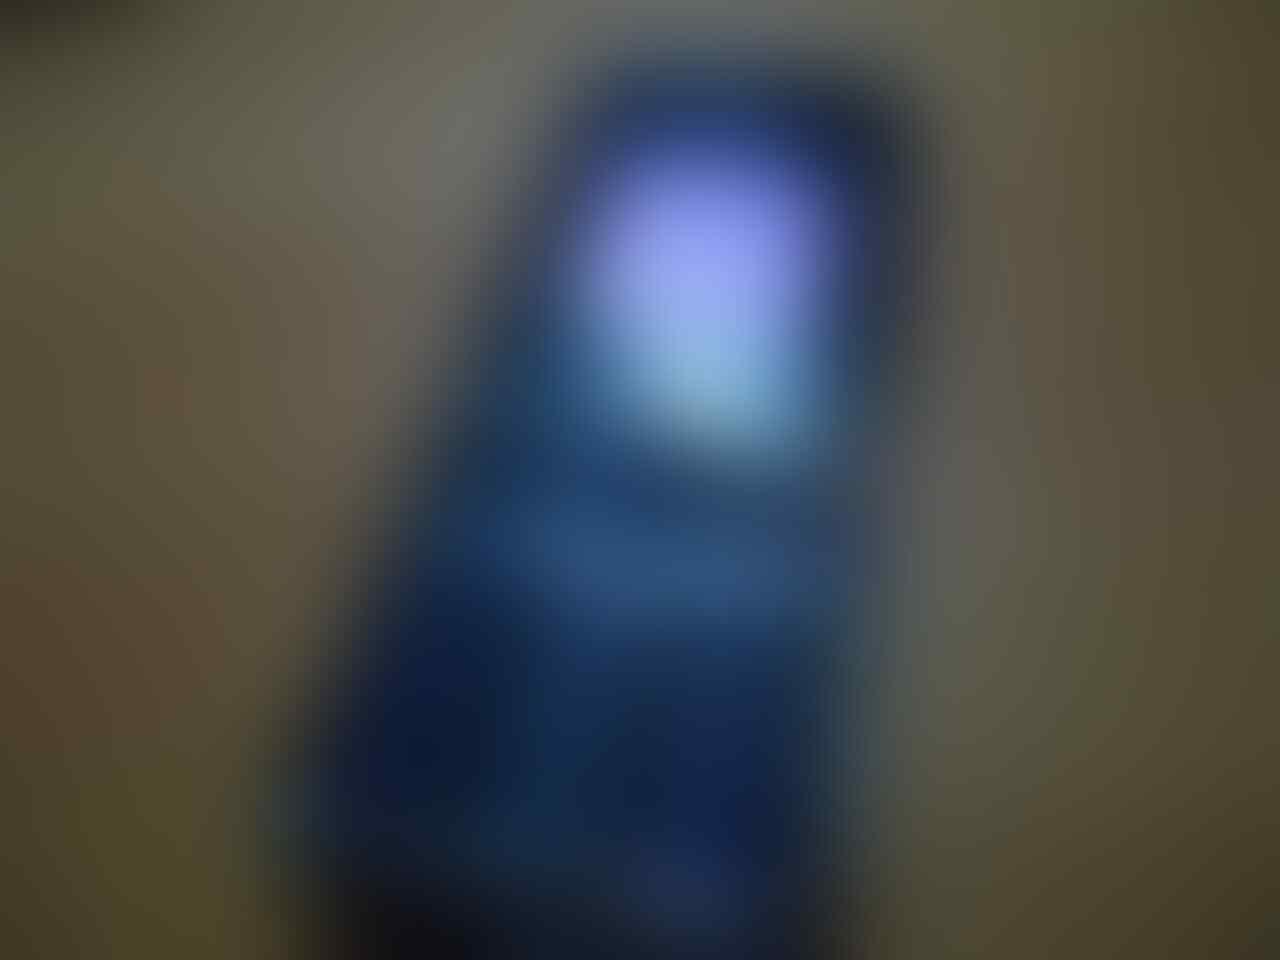 Jual Nokia 7610 Jadul dan Zte Flexi (Borongan) Banjarmasin